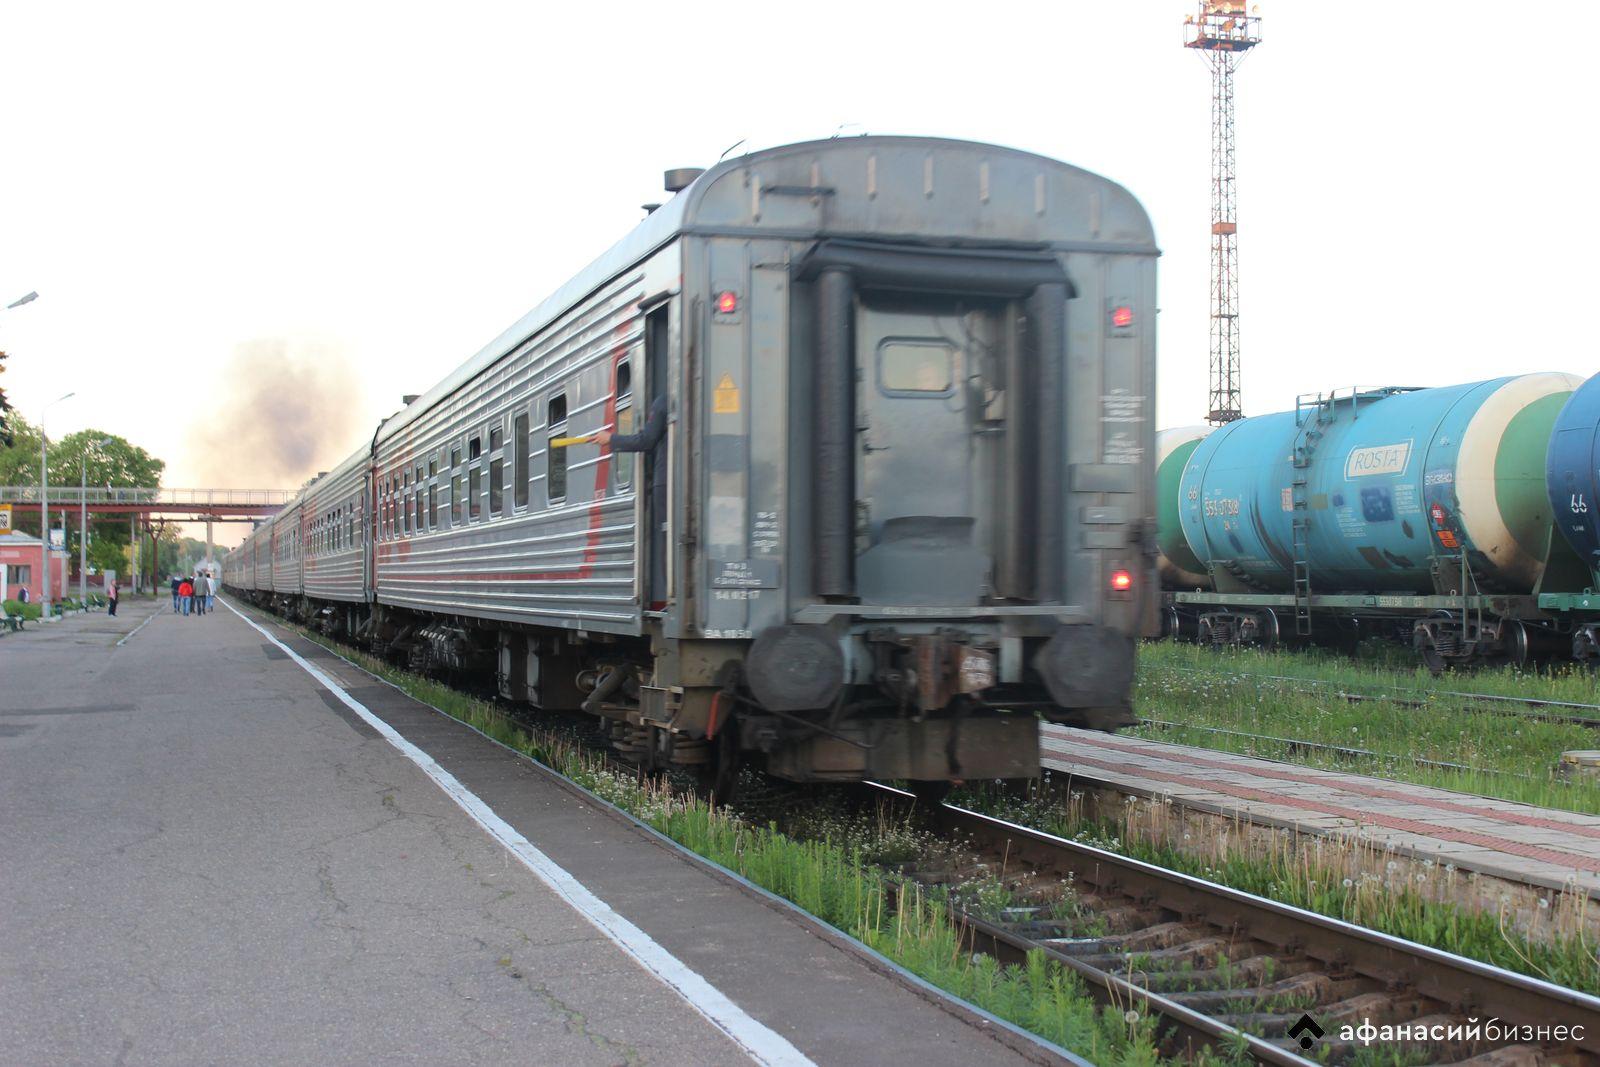 Железнодорожные кассы могут закрыть в Максатихе, Удомле и Бежецке - новости Афанасий